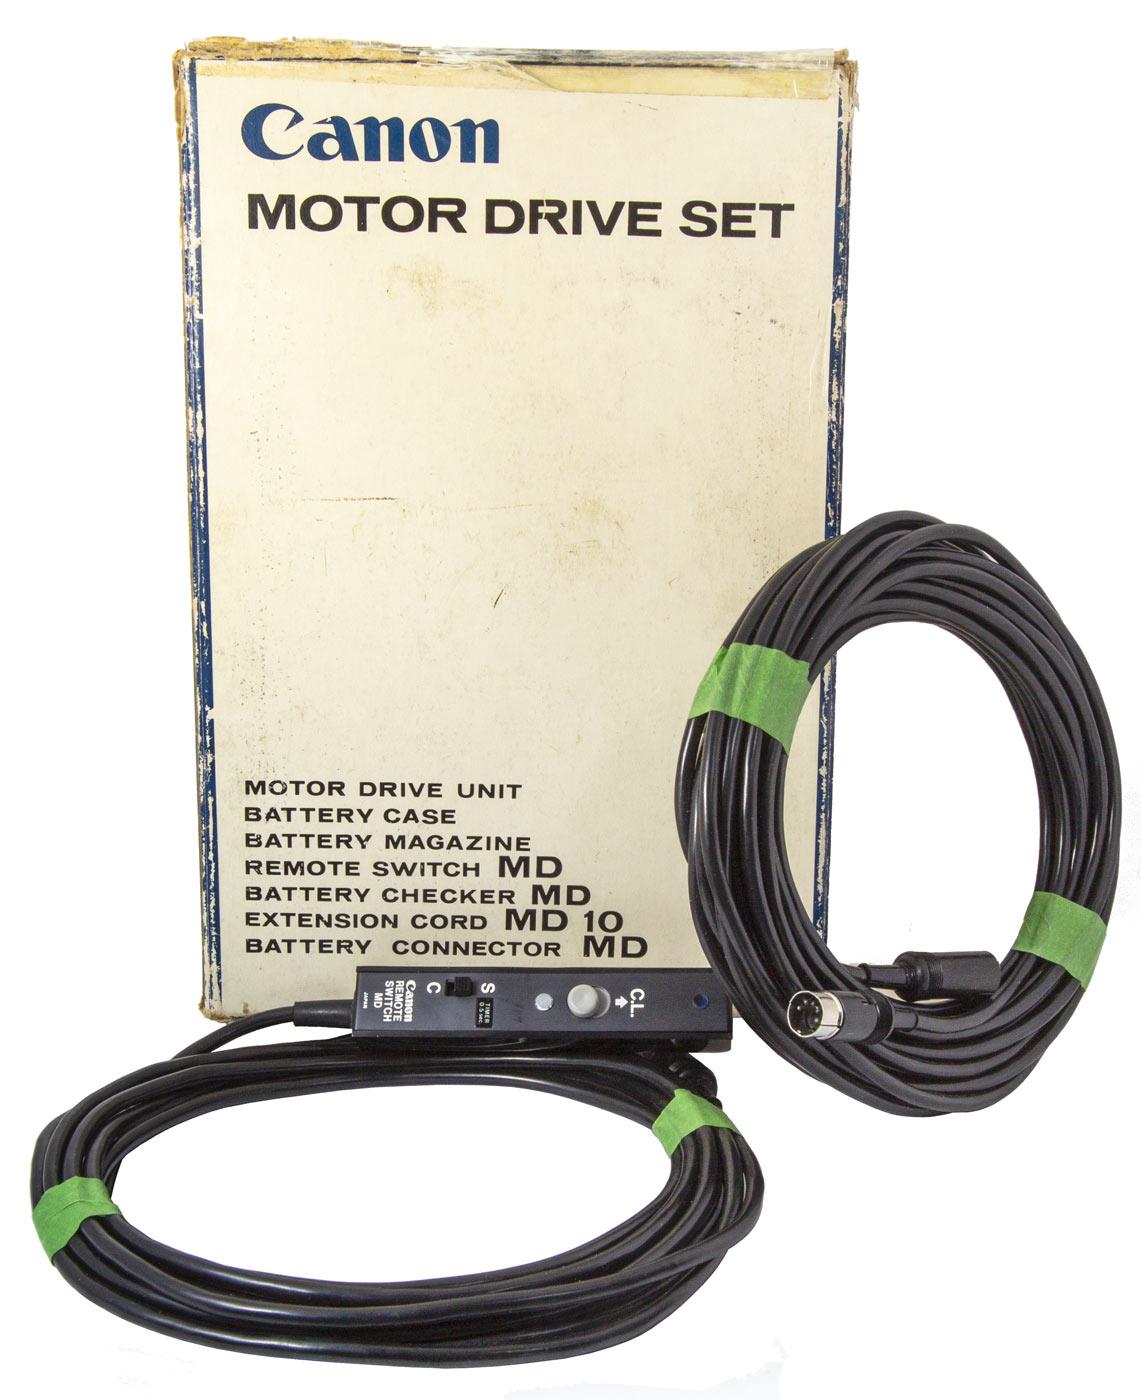 Canon Motor Drive Unit